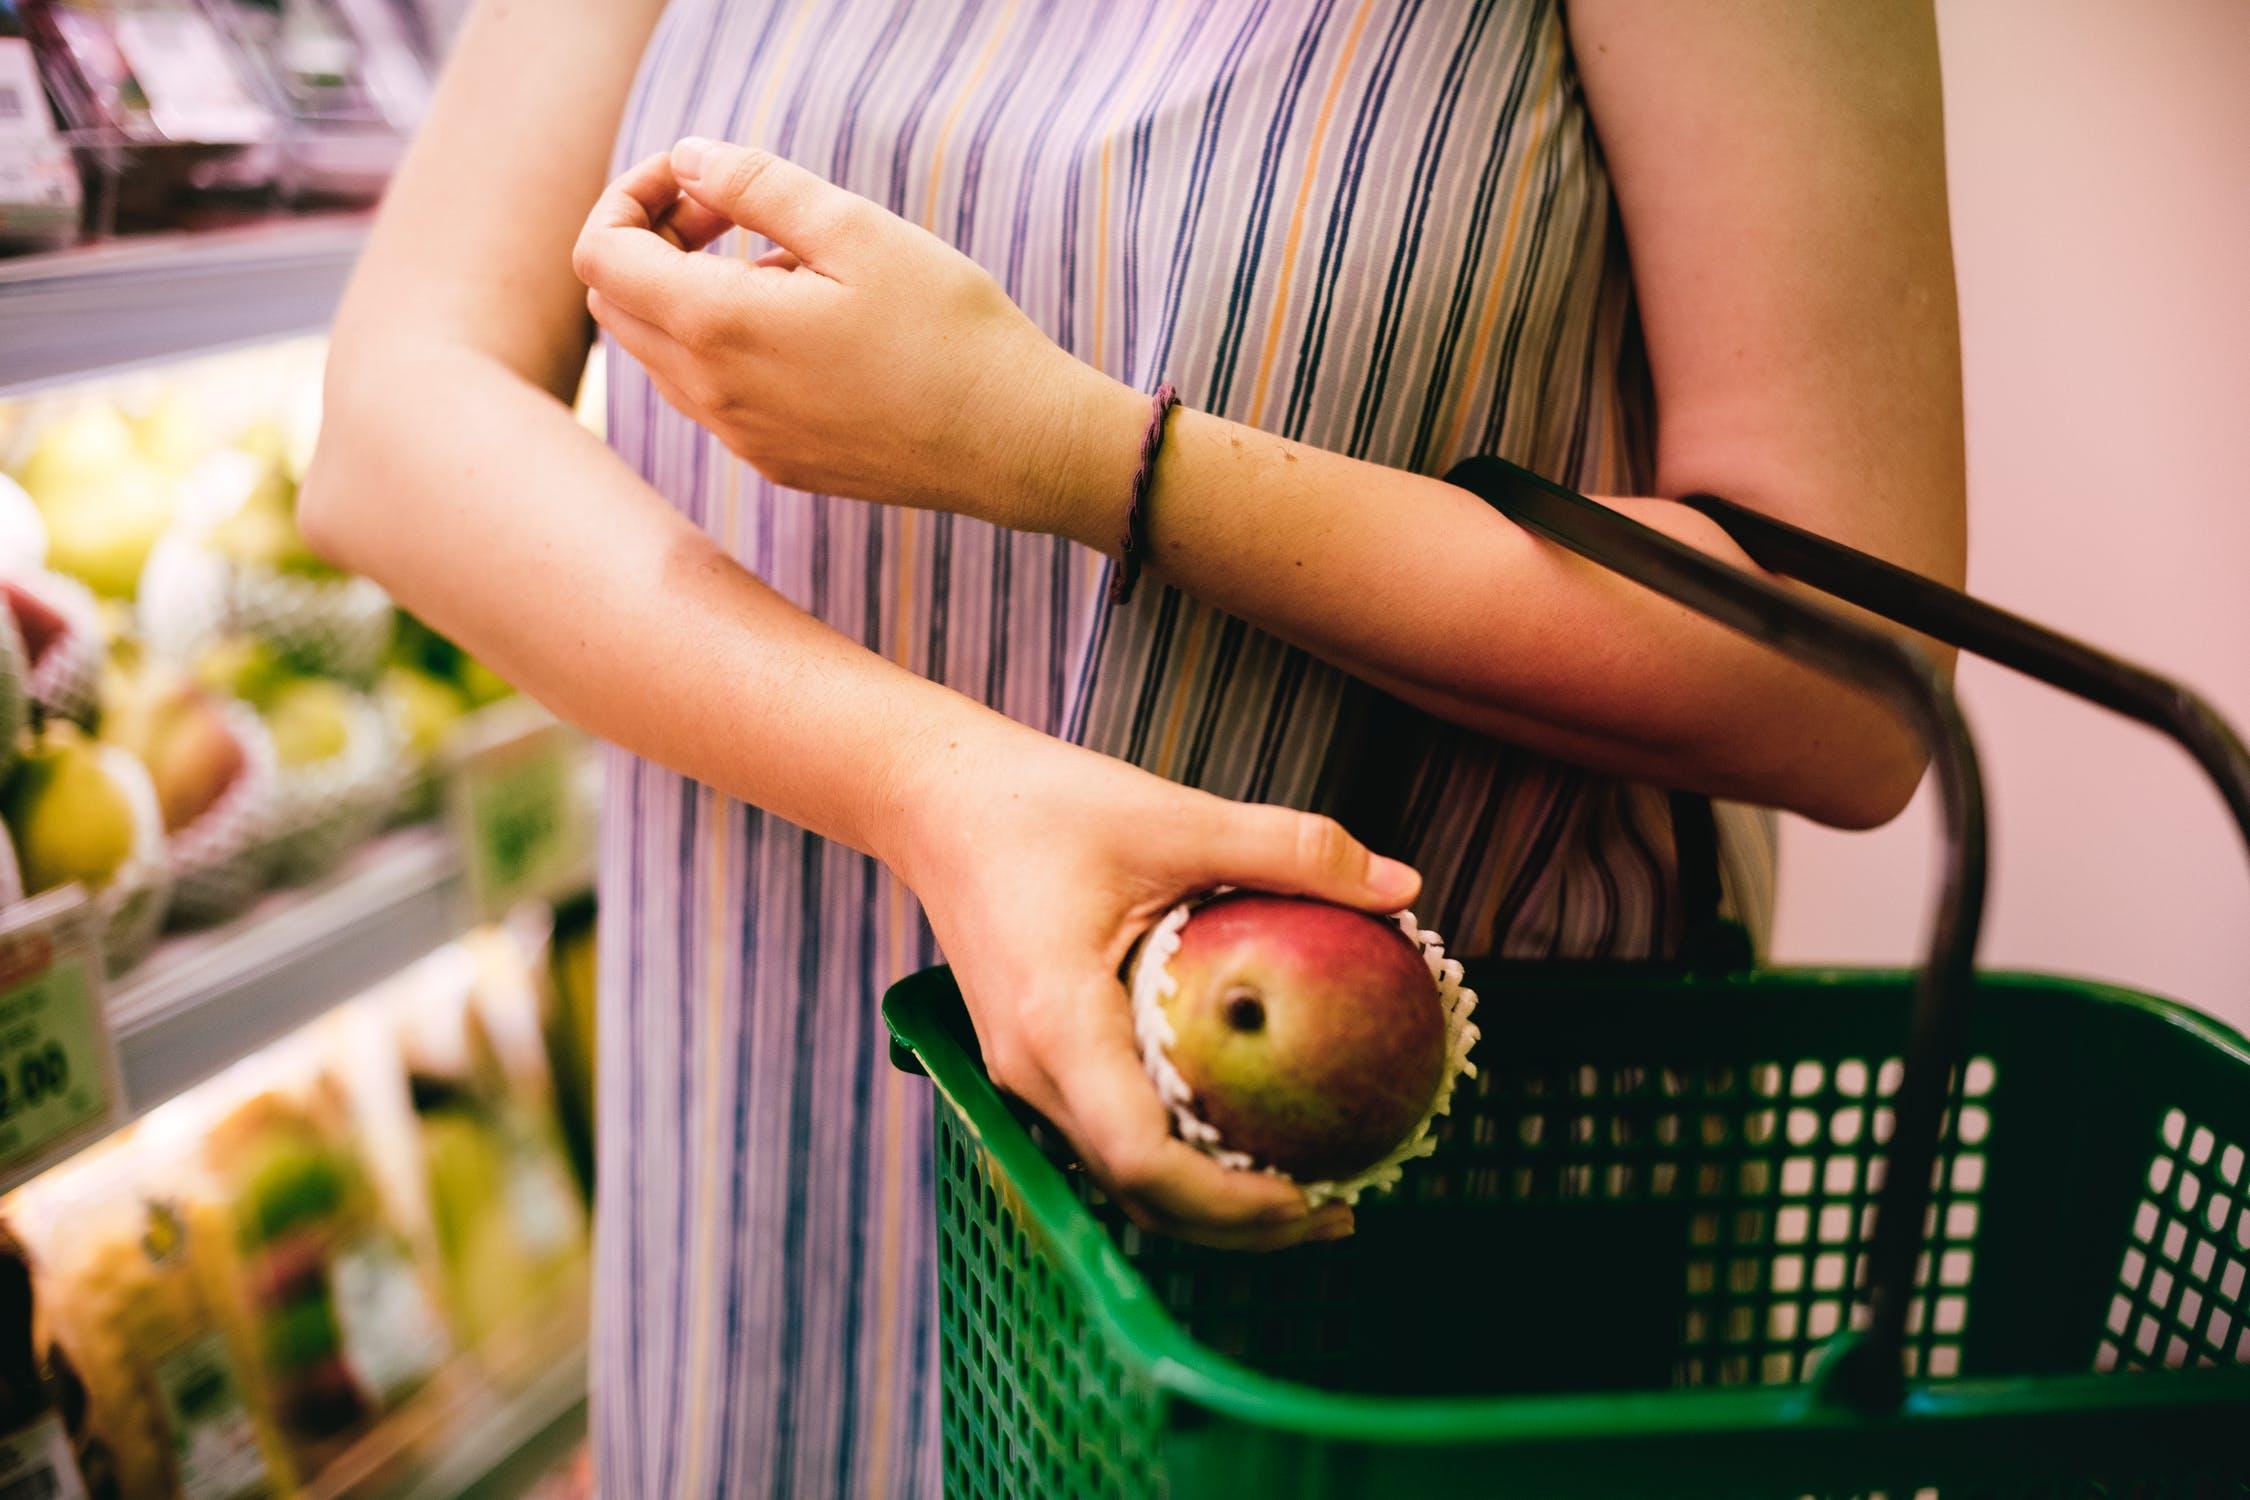 Gesunde Ernährung mit Obst und Gemüse lernen